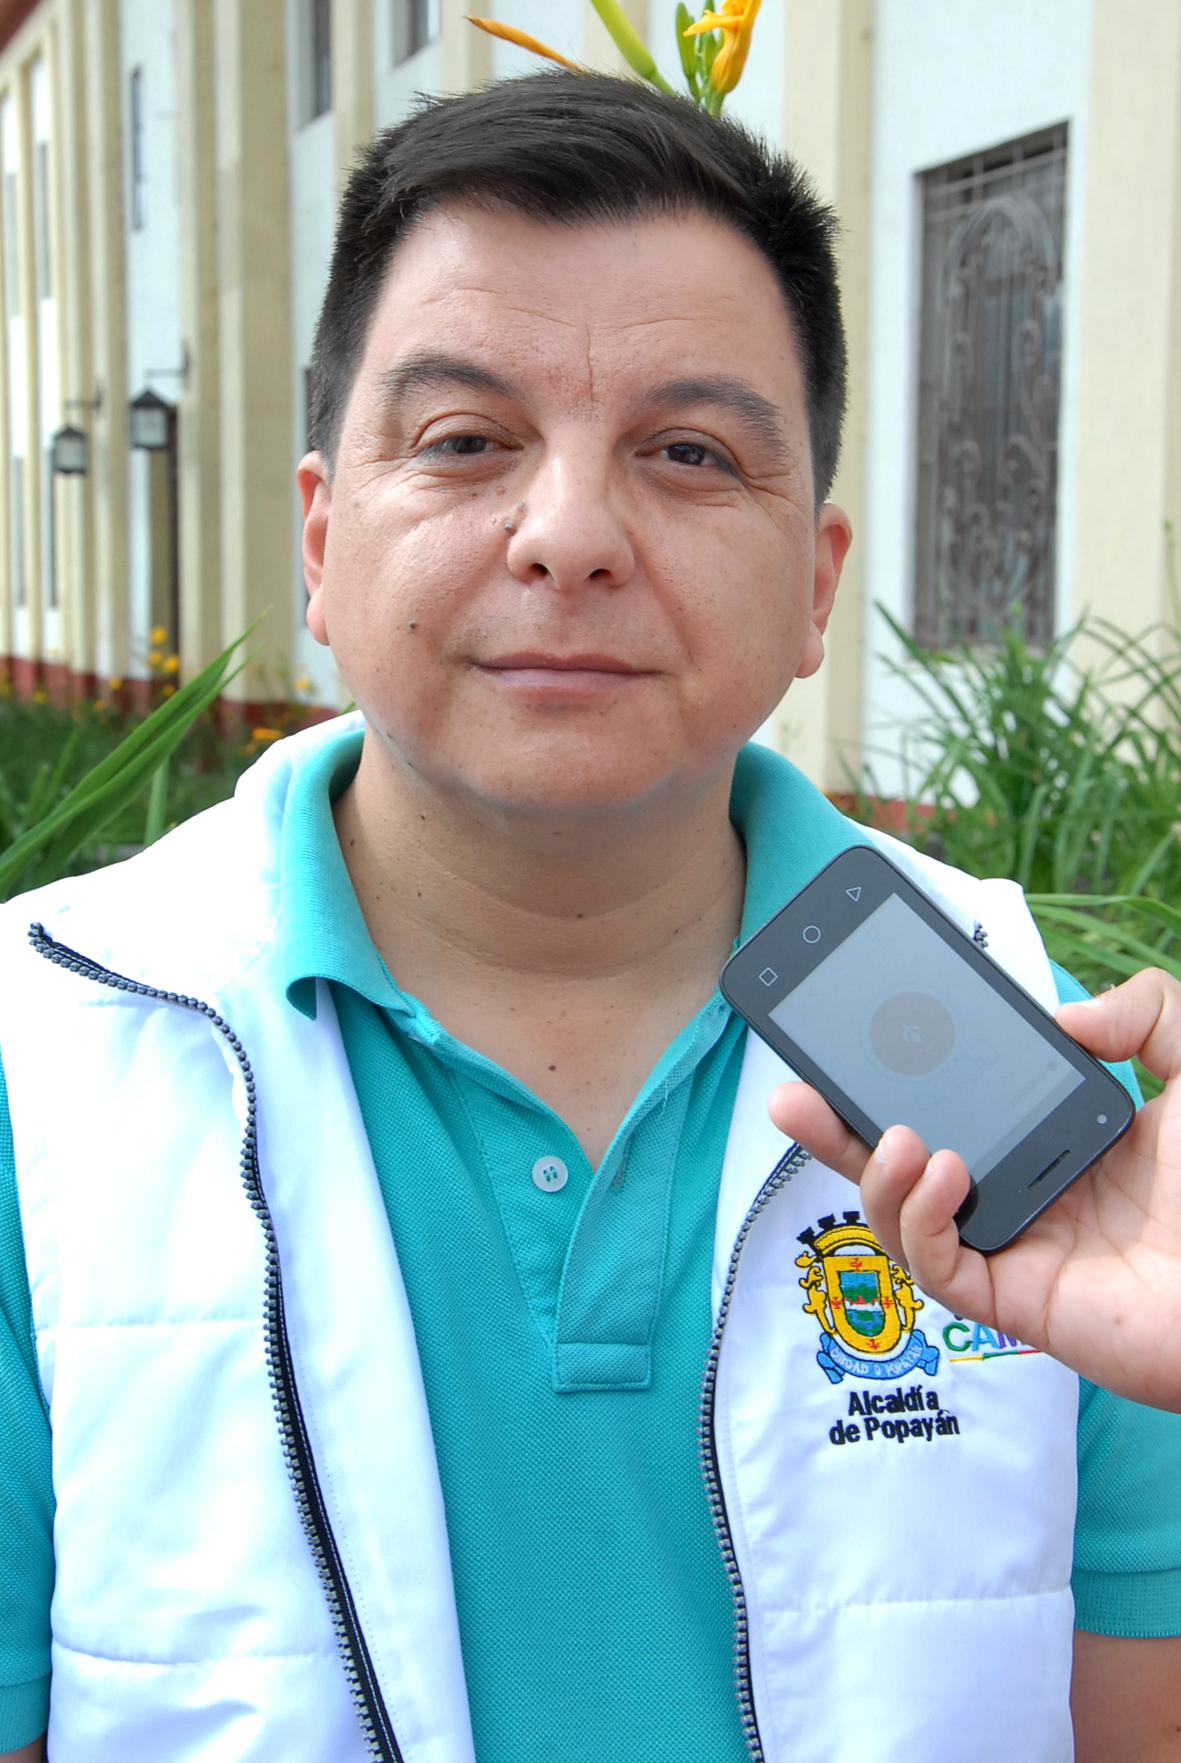 Alexander Hoyos, periodista que denunció amenazas contra su vida.